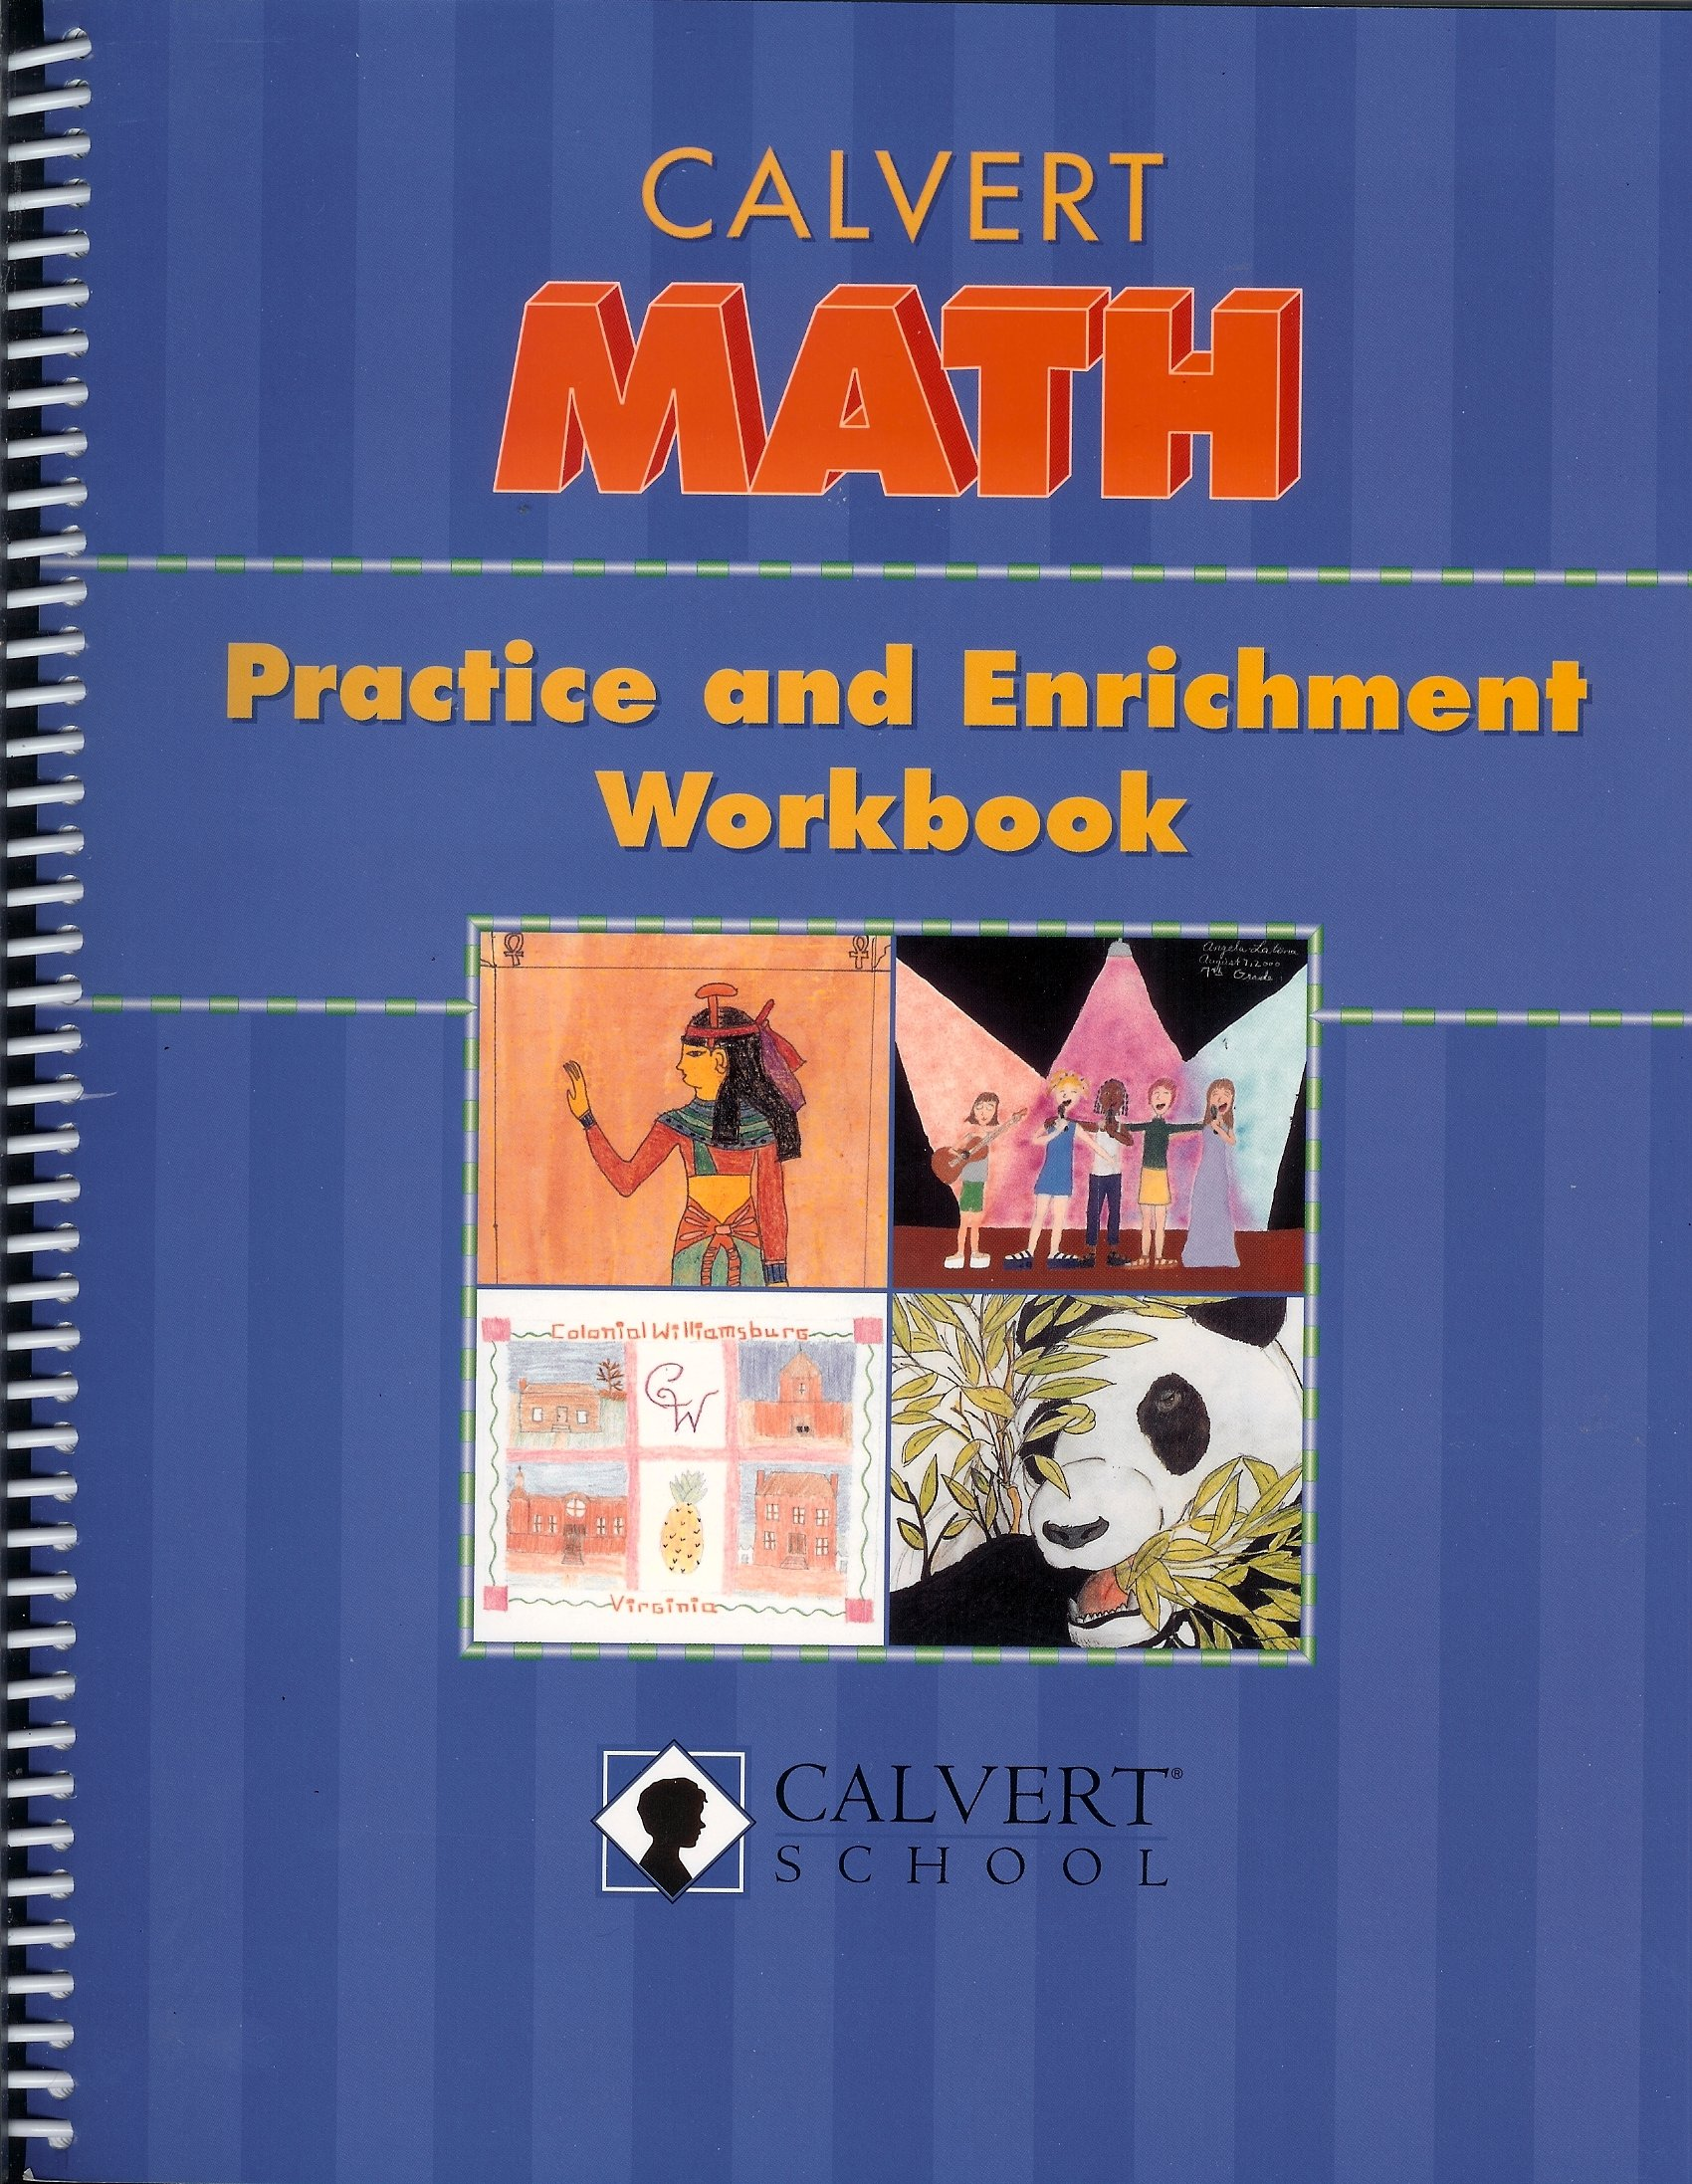 Calvert Math Practice and Enrichment Workbook (7th grade) (Calvert Math, 7th Grade) ebook